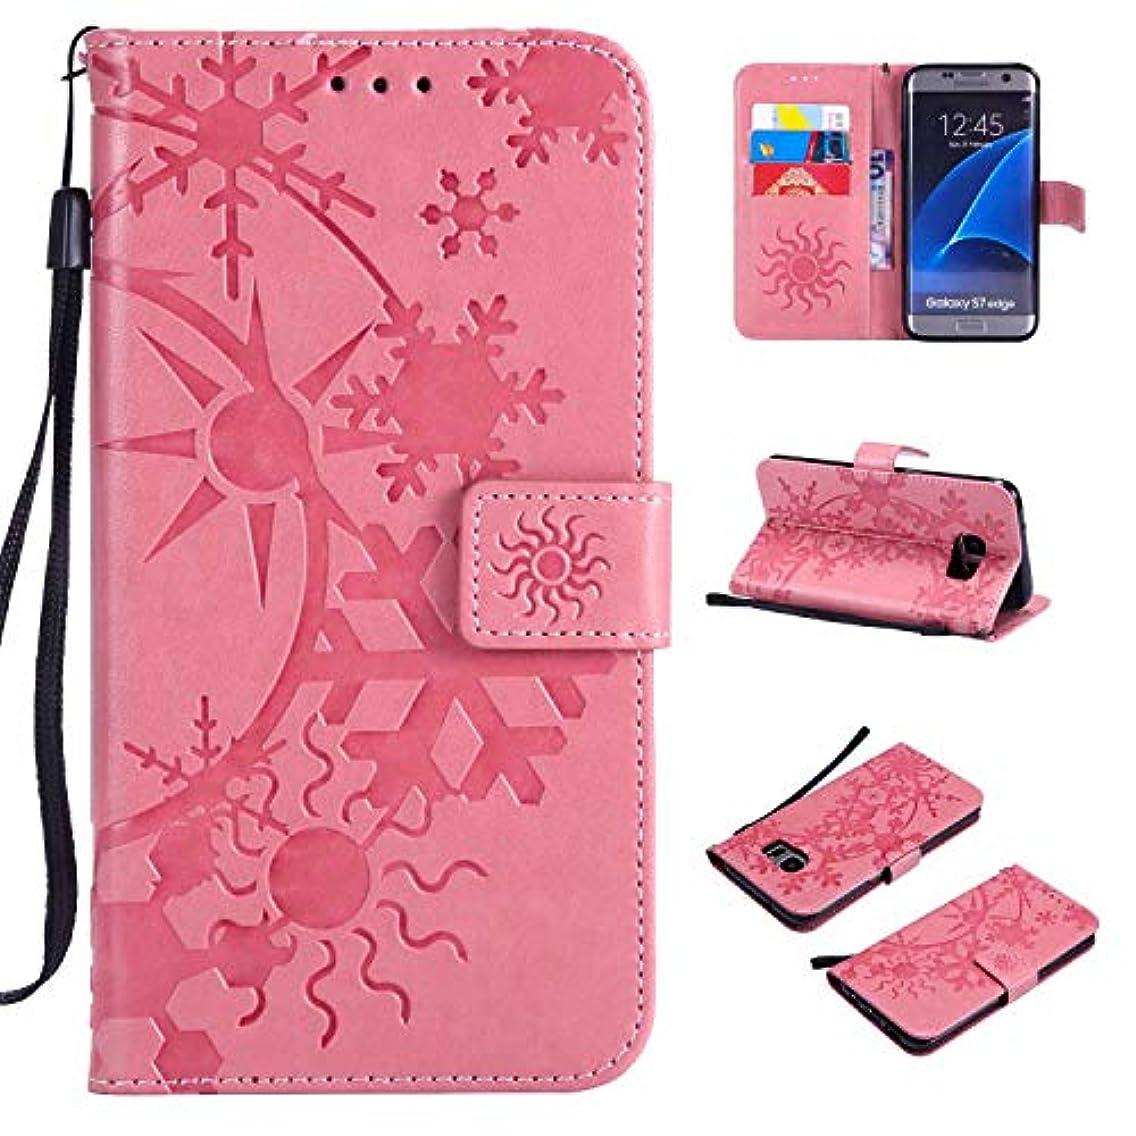 割り当てる元に戻す蓋Galaxy S7 Edge ケース CUSKING 手帳型 ケース ストラップ付き かわいい 財布 カバー カードポケット付き Samsung ギャラクシー S7 Edge マジックアレイ ケース - ピンク